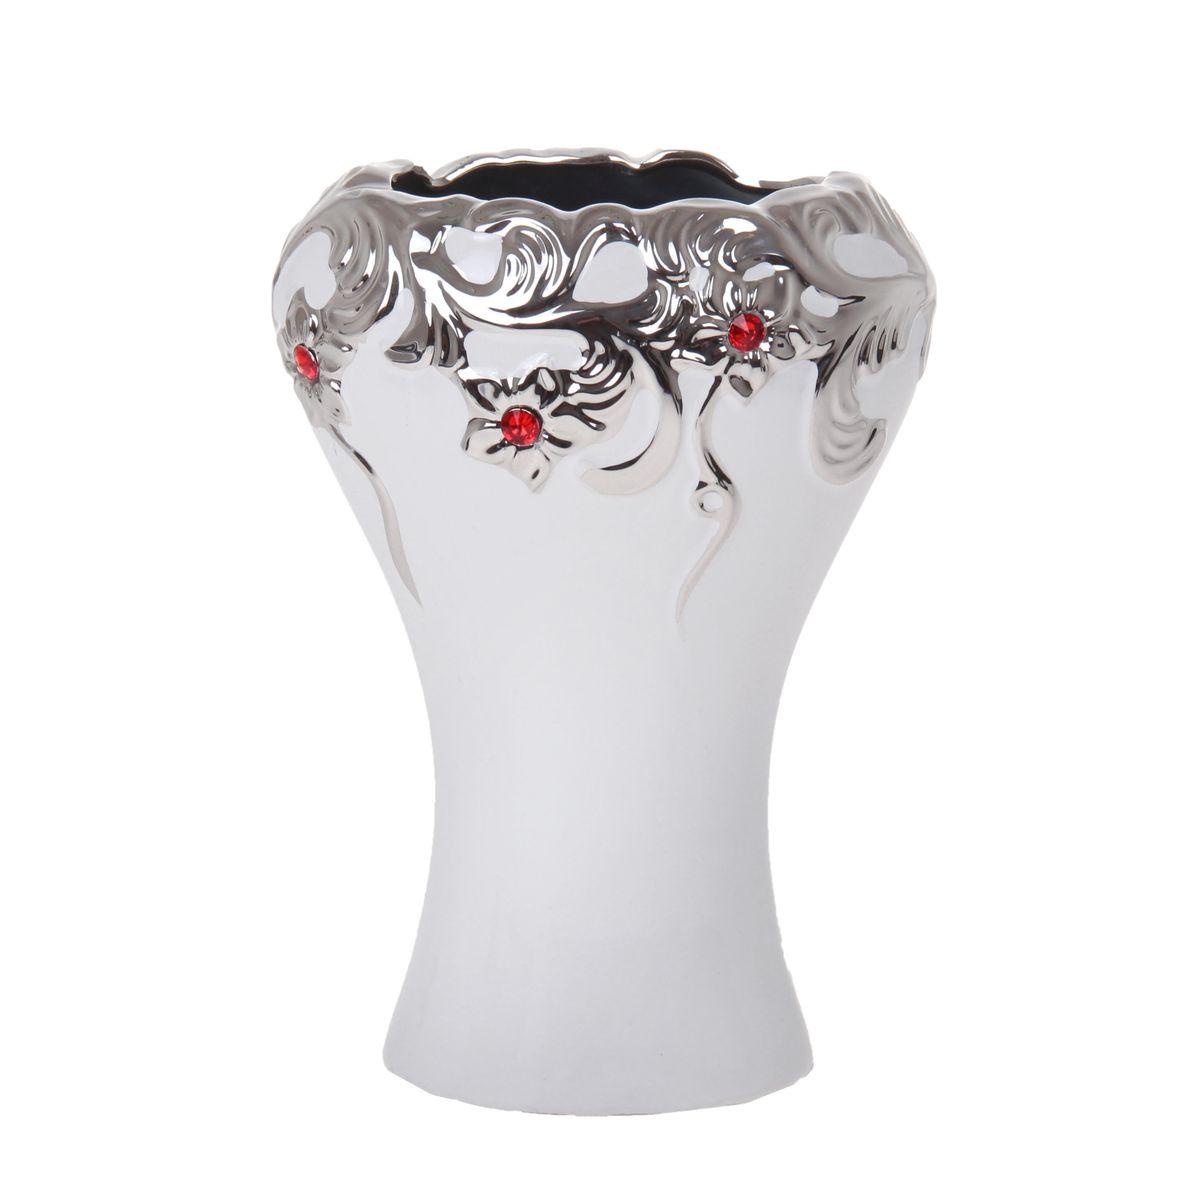 Ваза Изумрудная капля, цвет: белый, серебристый, 24 х 17 х 11 см. 865954865954Элегантная ваза Изумрудная капля выполнена из высококачественной керамики. Изделие имеет гладкую поверхность, декорировано цветочным орнаментом. Оригинальный дизайн вазы придется по вкусу и ценителям классики, и тем, кто предпочитает утонченность и изящность. Вы можете поставить вазу в любом месте, где она будет удачно смотреться и радовать глаз. Такая ваза подойдет и для цветов, и для декора интерьера. Кроме того - это отличный вариант подарка для ваших близких и друзей.